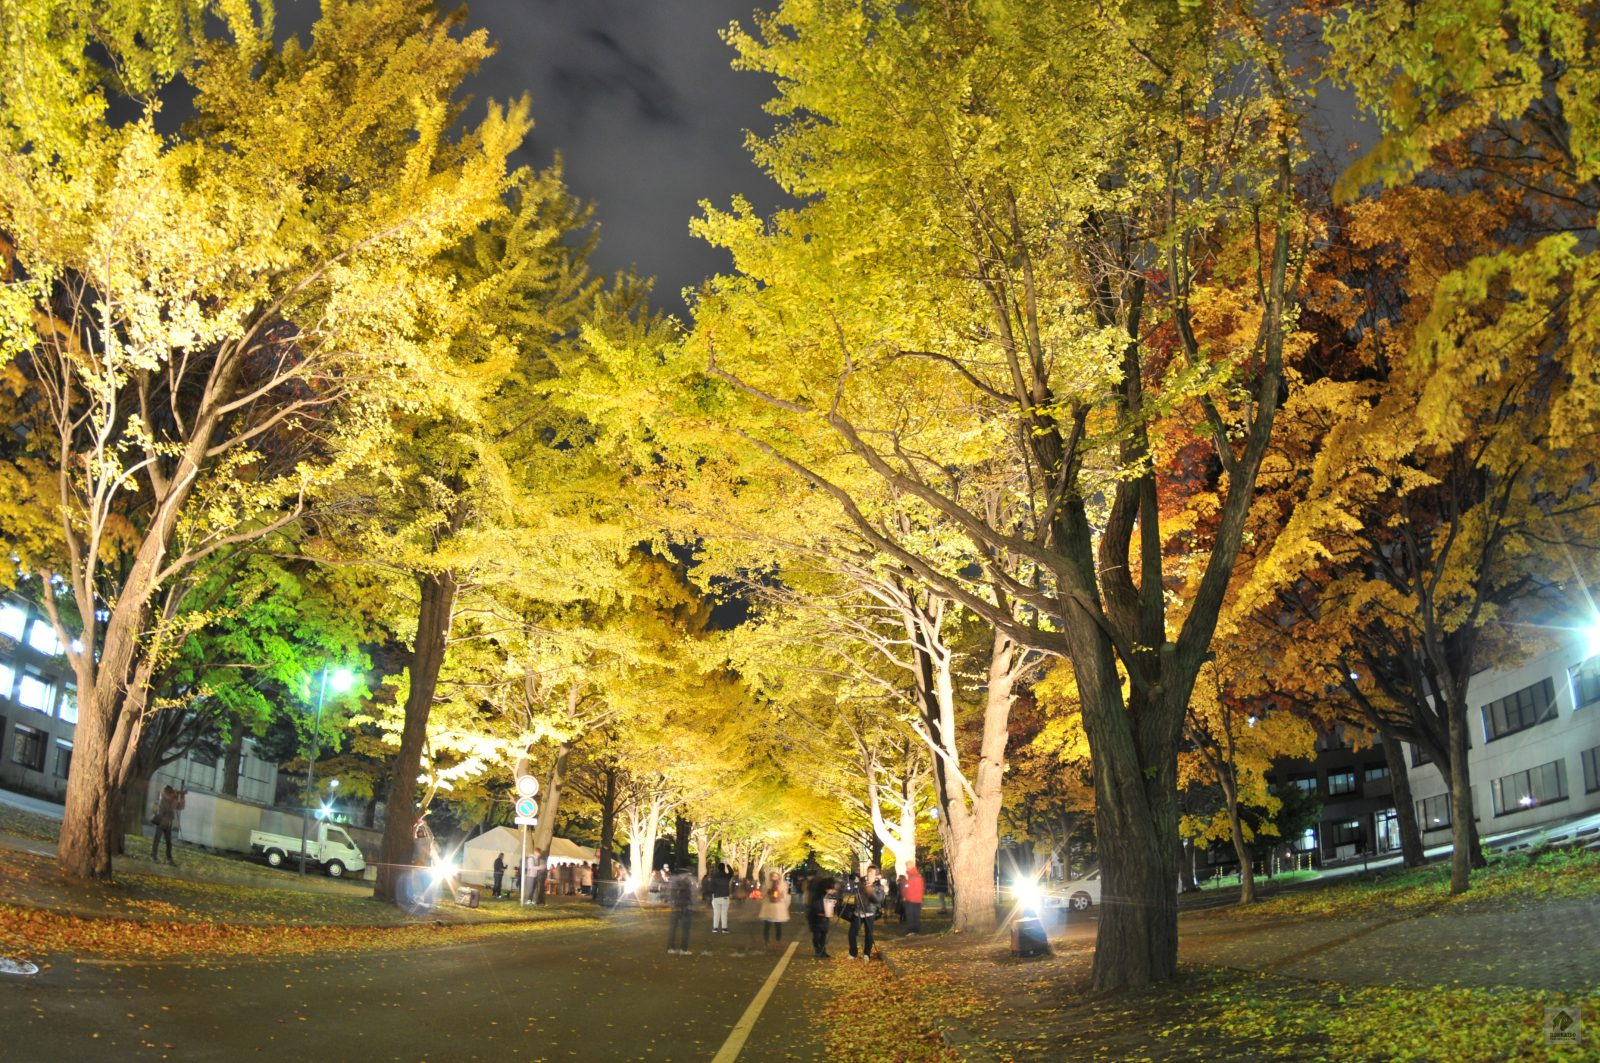 北大イチョウ並木を美しくライトアップ!5年目の開催「北大金葉祭」